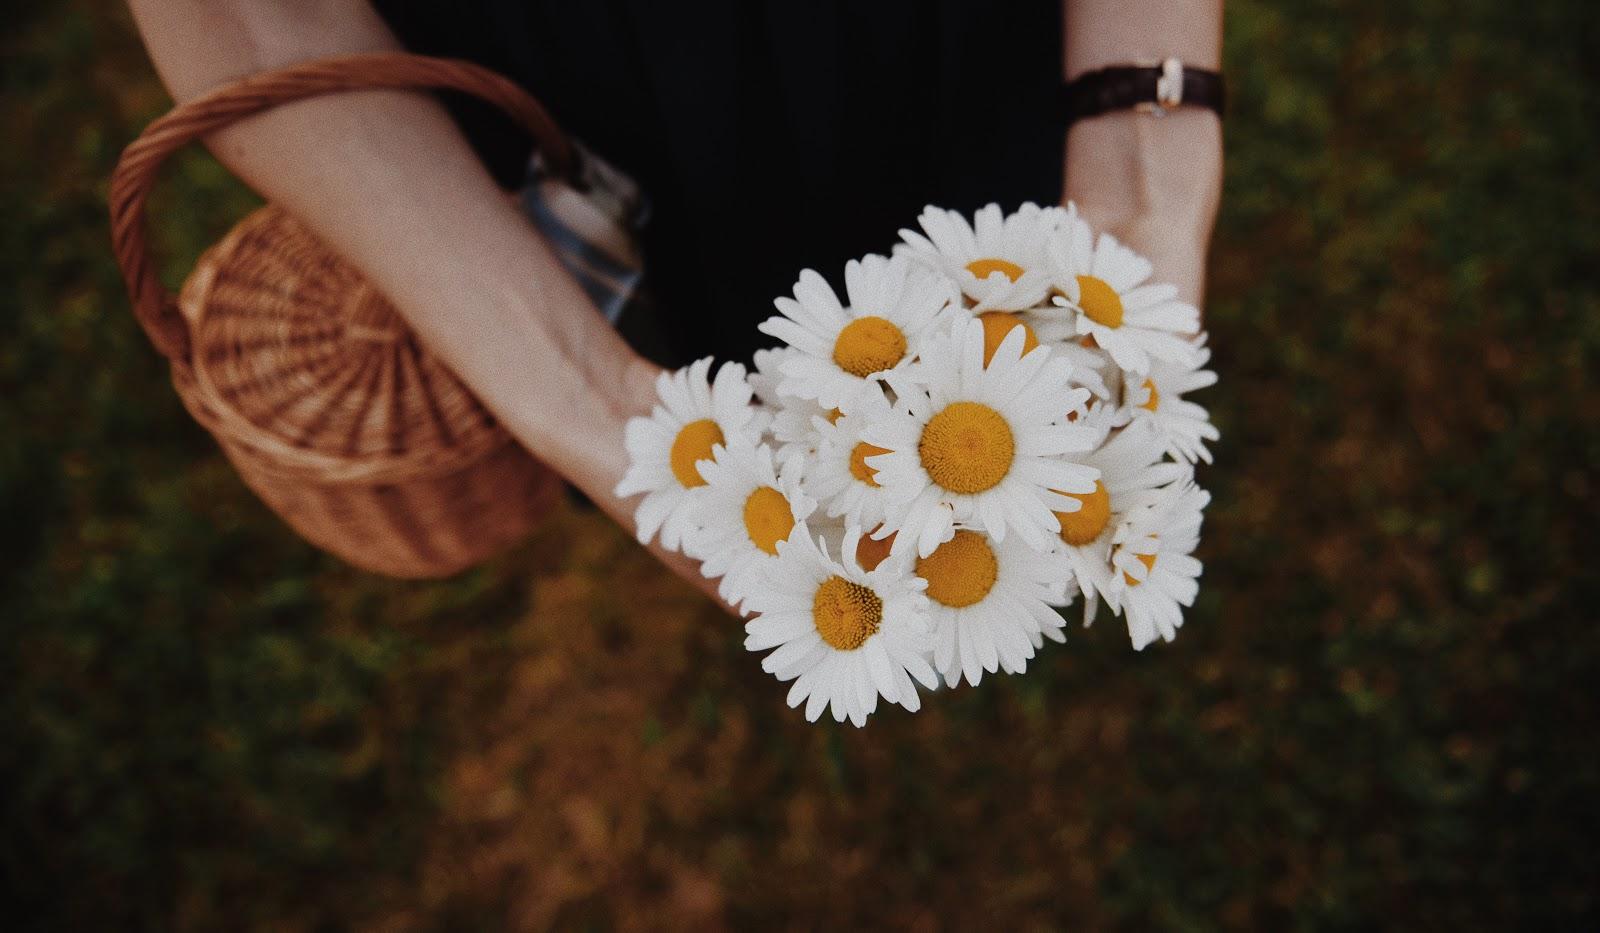 Фото В руках девушки ромашки, by Mateusz